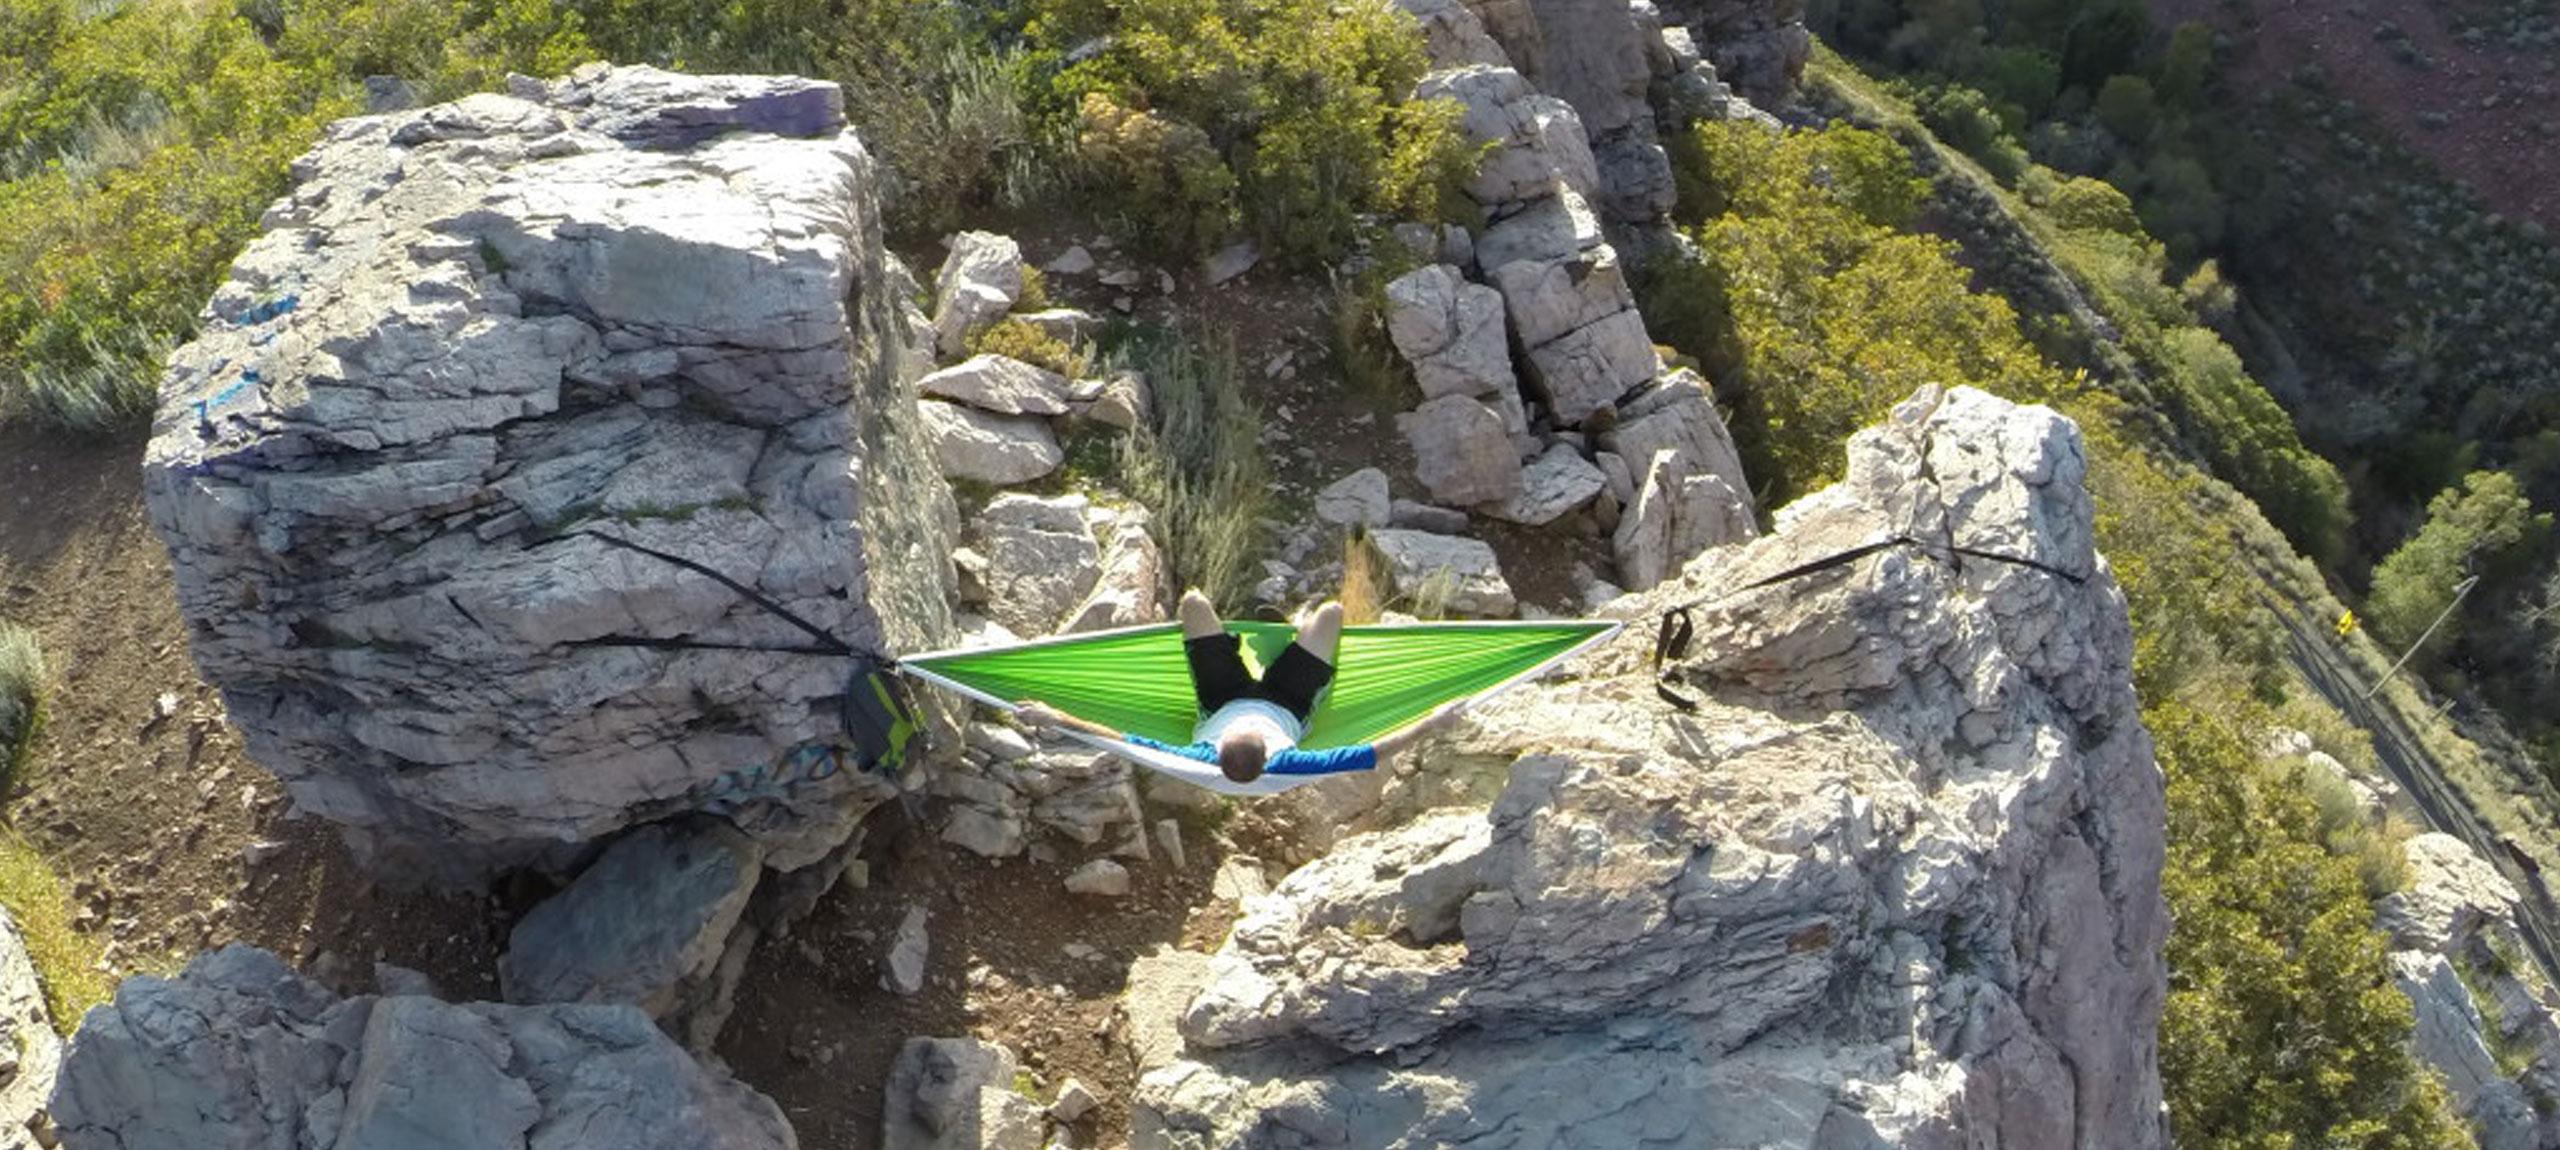 drone freen hammock